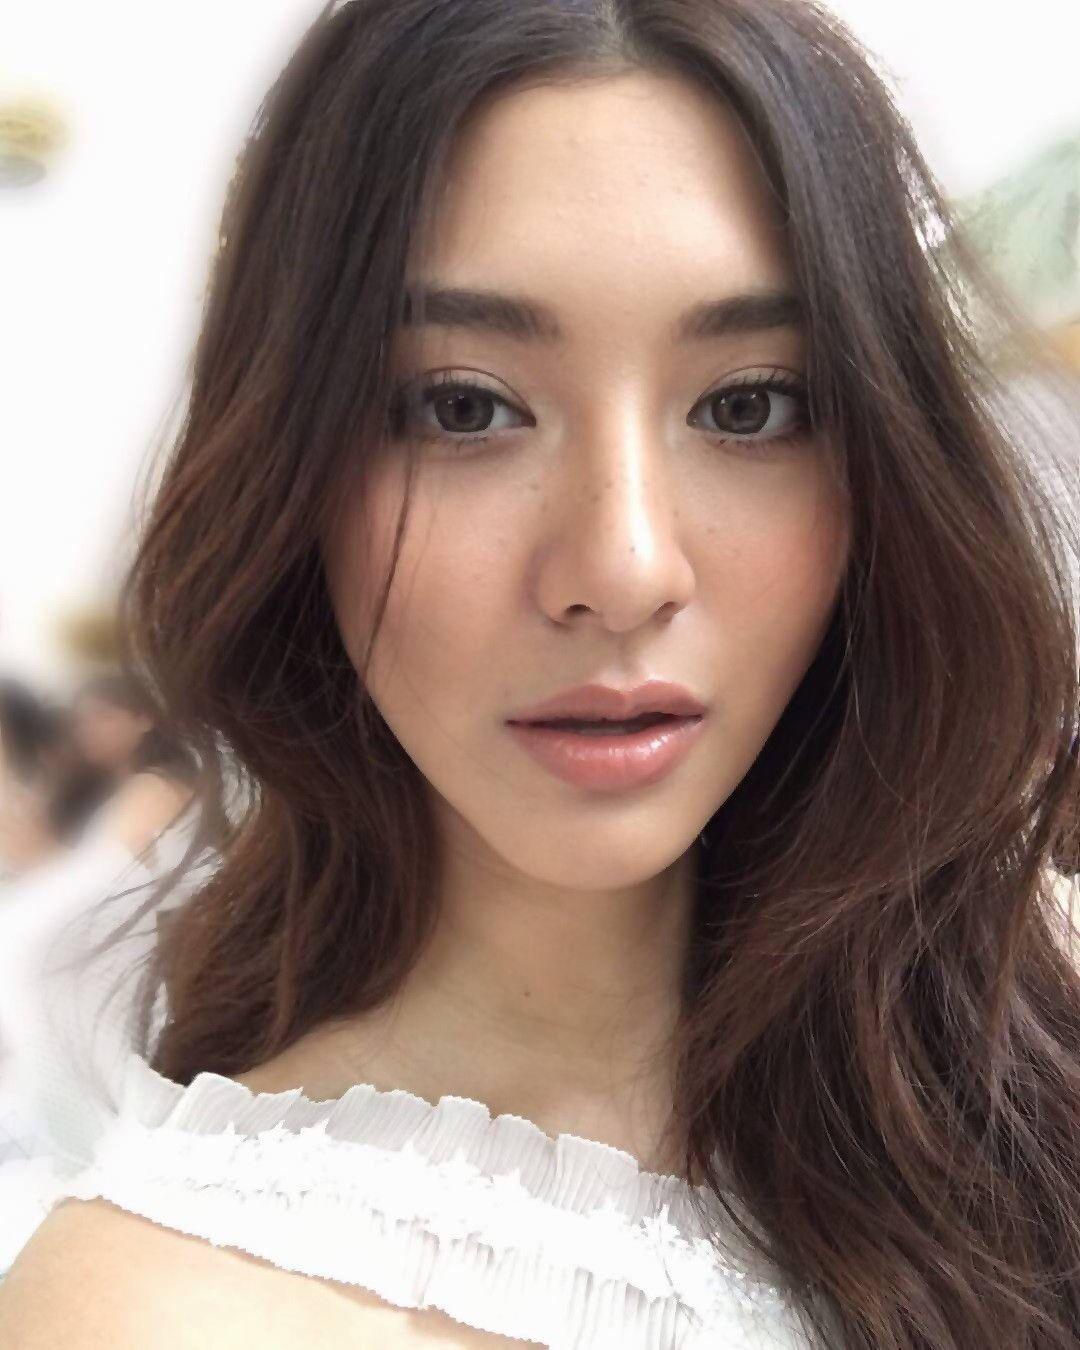 Top sao nữ đình đám Thái Lan có mũi đẹp nhất khiến chị em ghen tị (23)